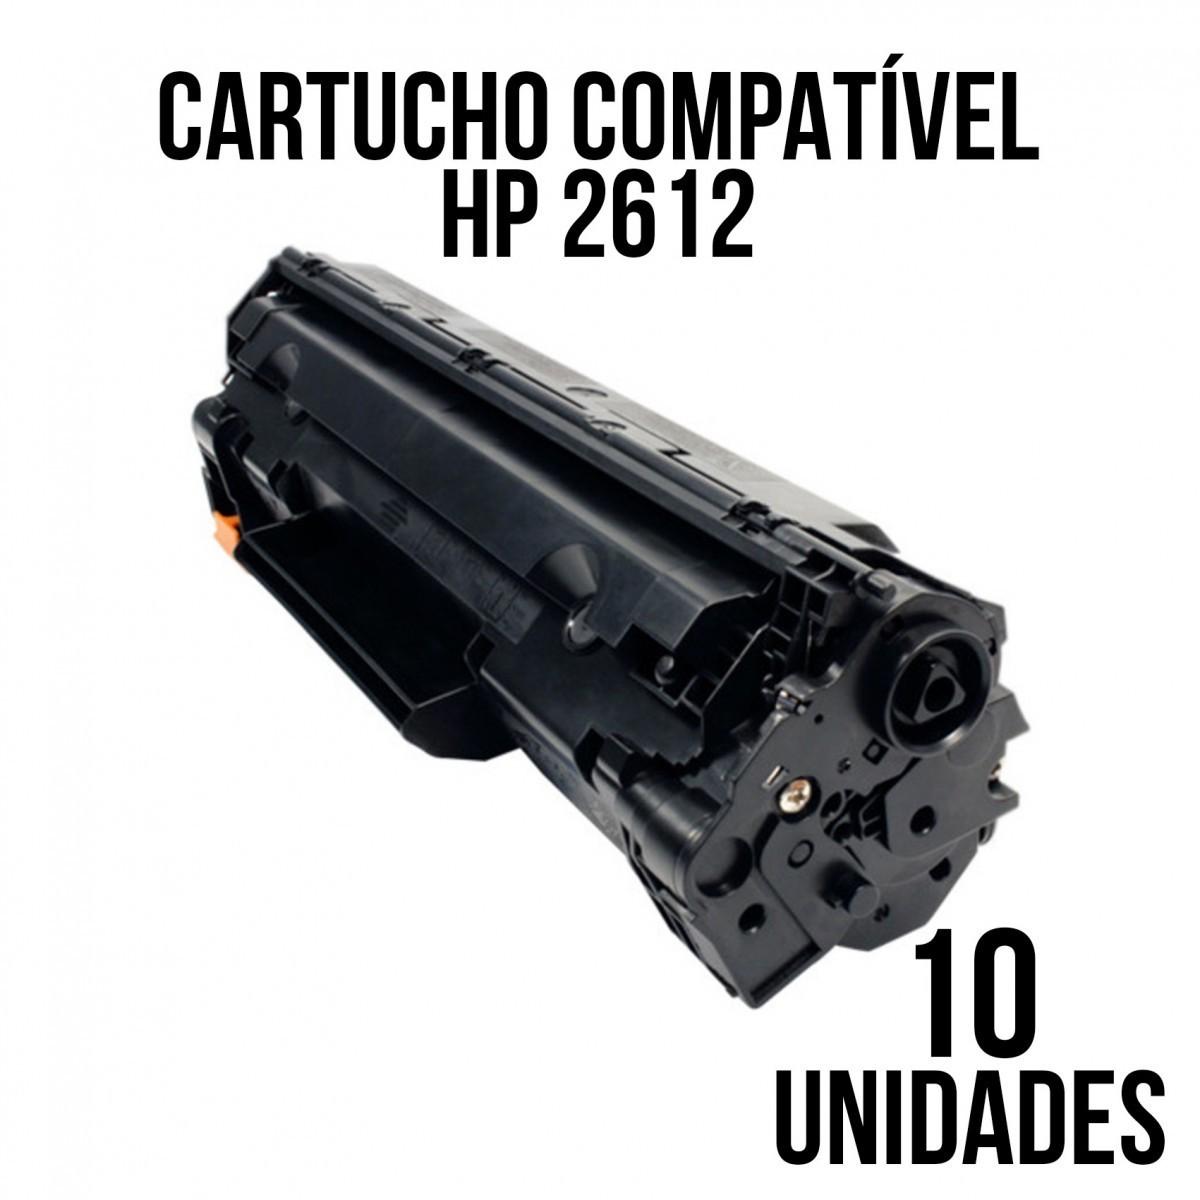 TONER HP 2612 A COMP. (PERSONAL) - COM 10 UNIDADES